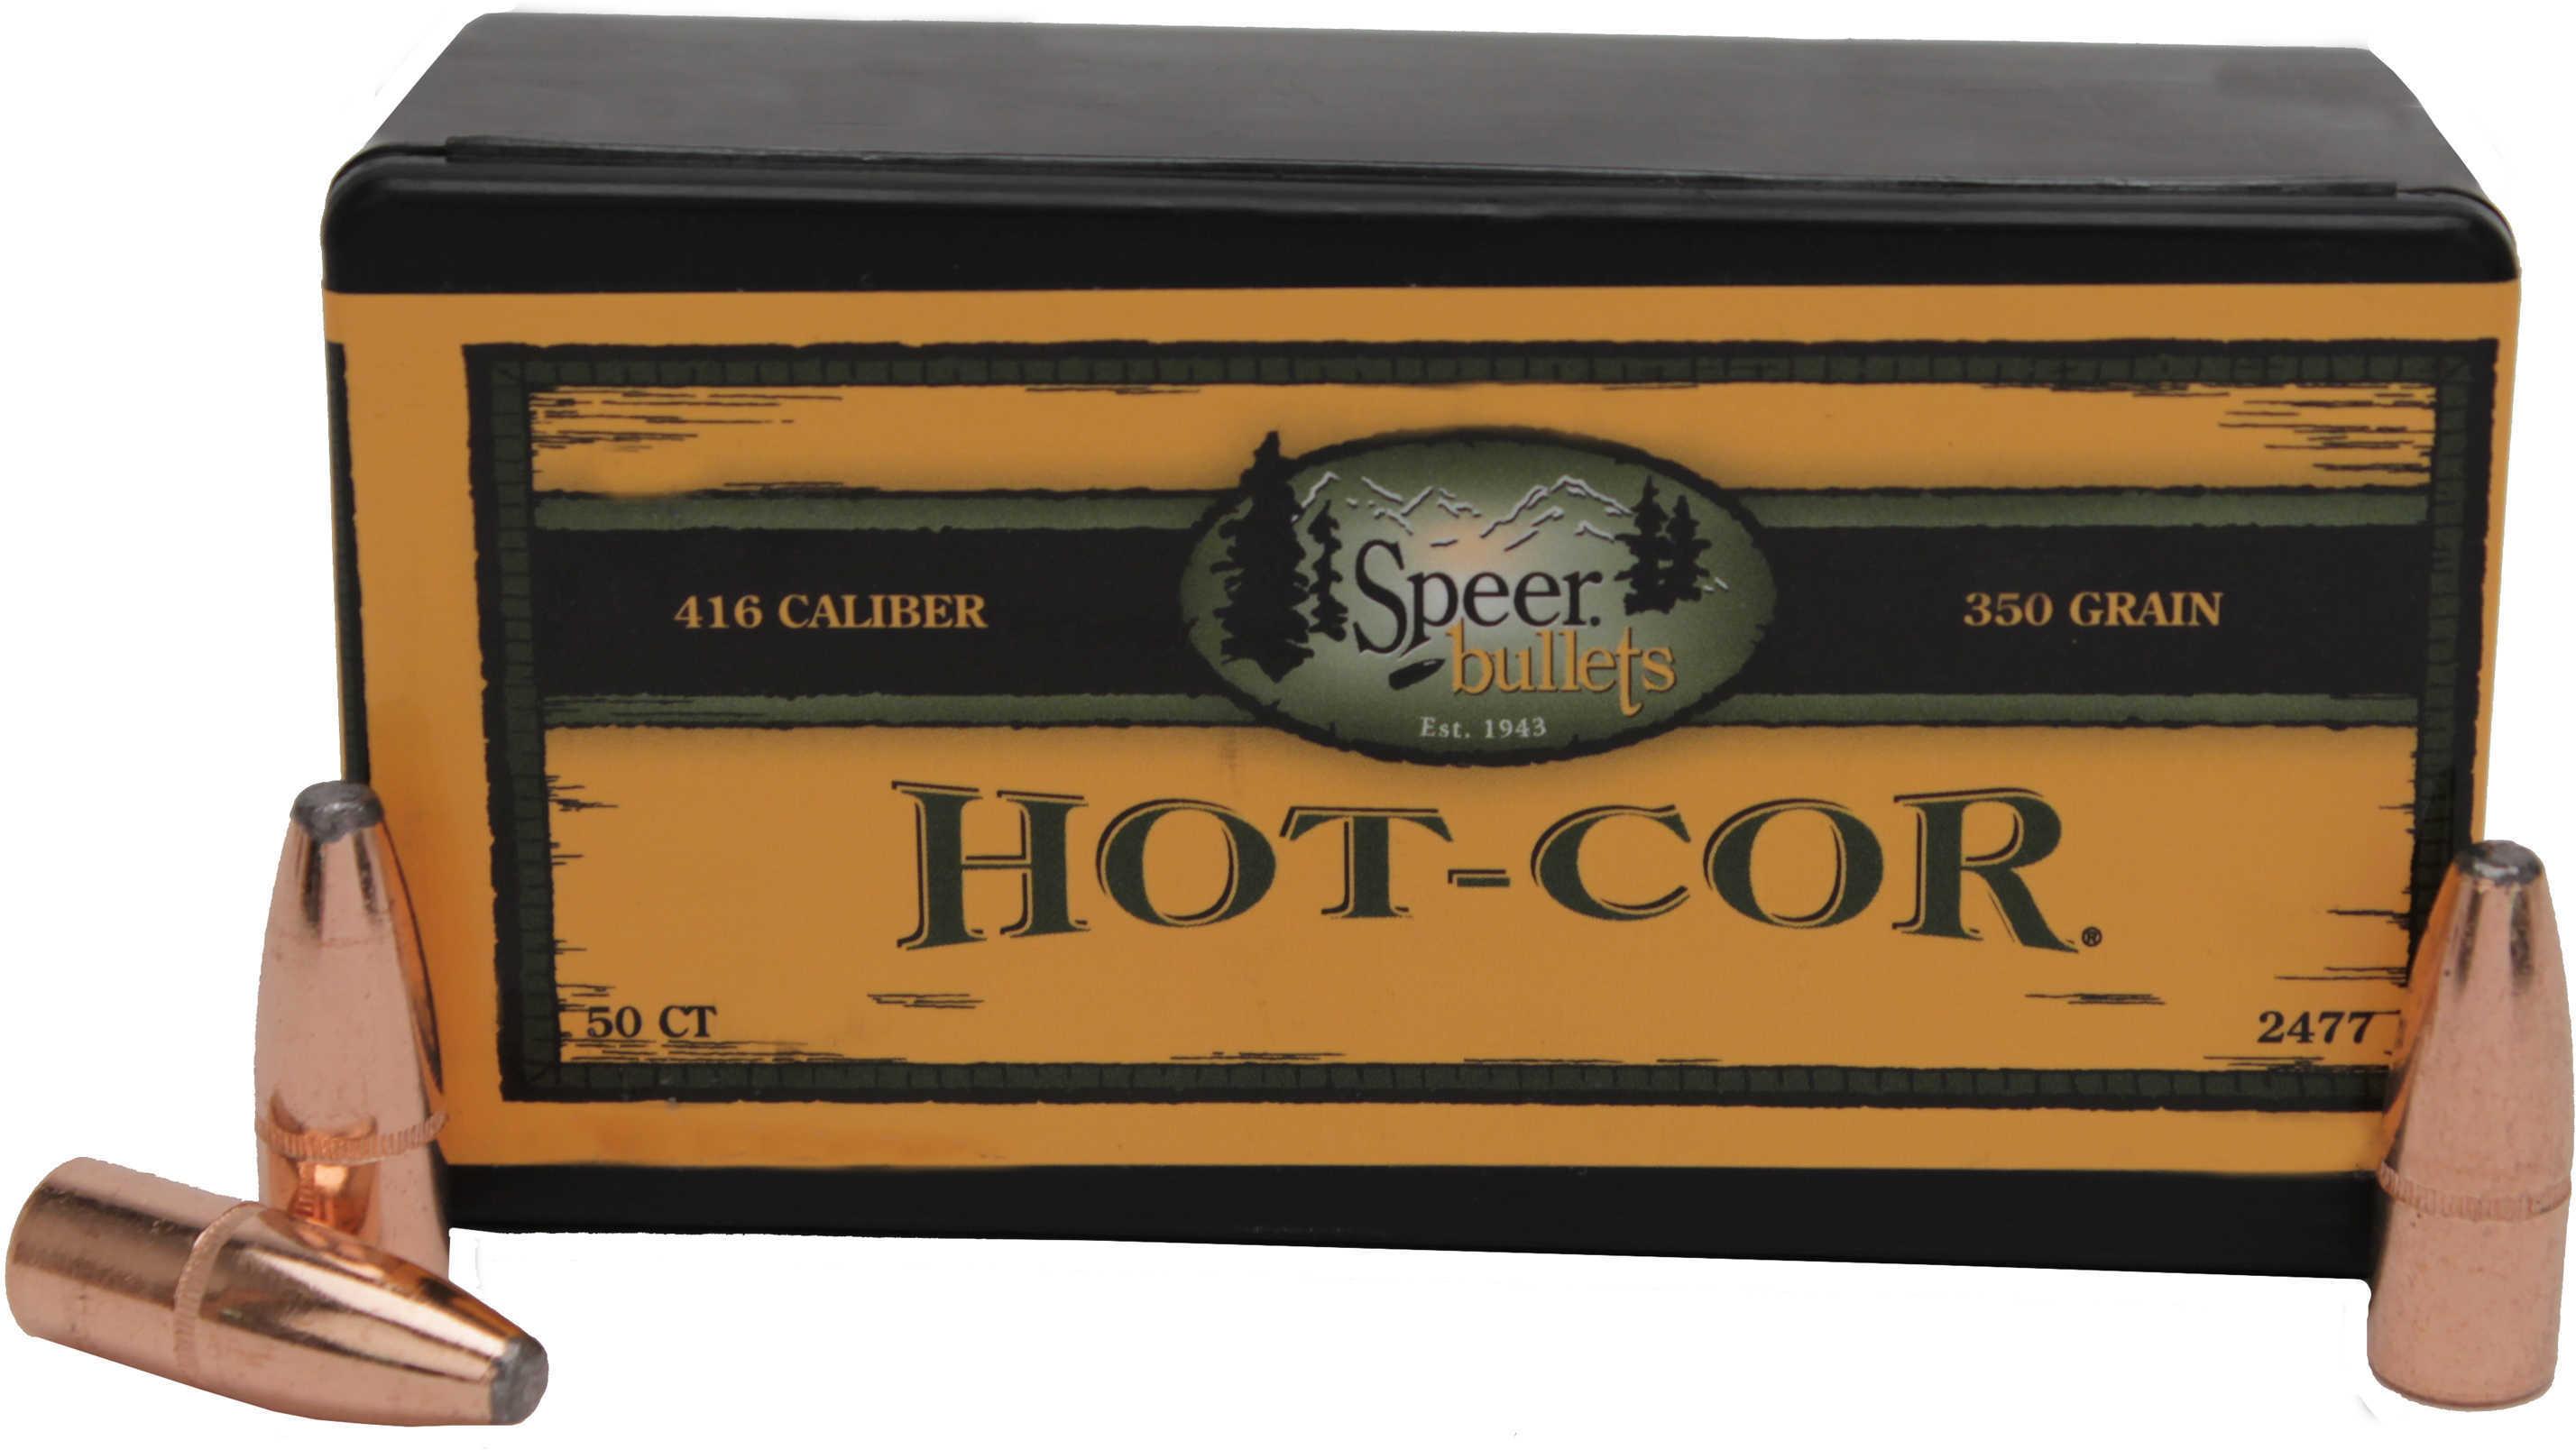 Speer 416 Caliber 350 Grains Mag Tip SP Per 50 Md: 2477 Bullets